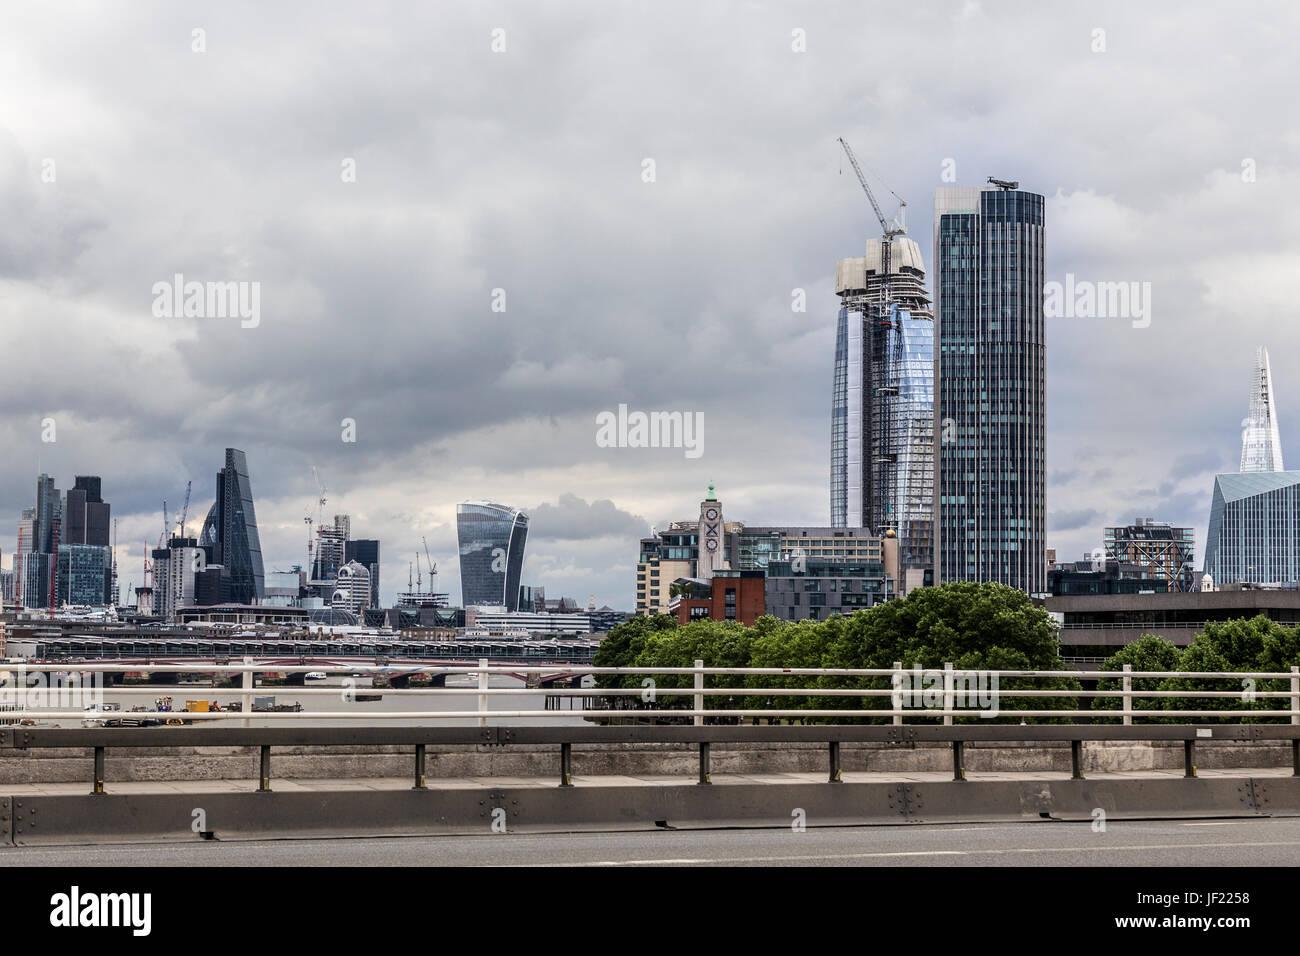 40e3c85f98 London